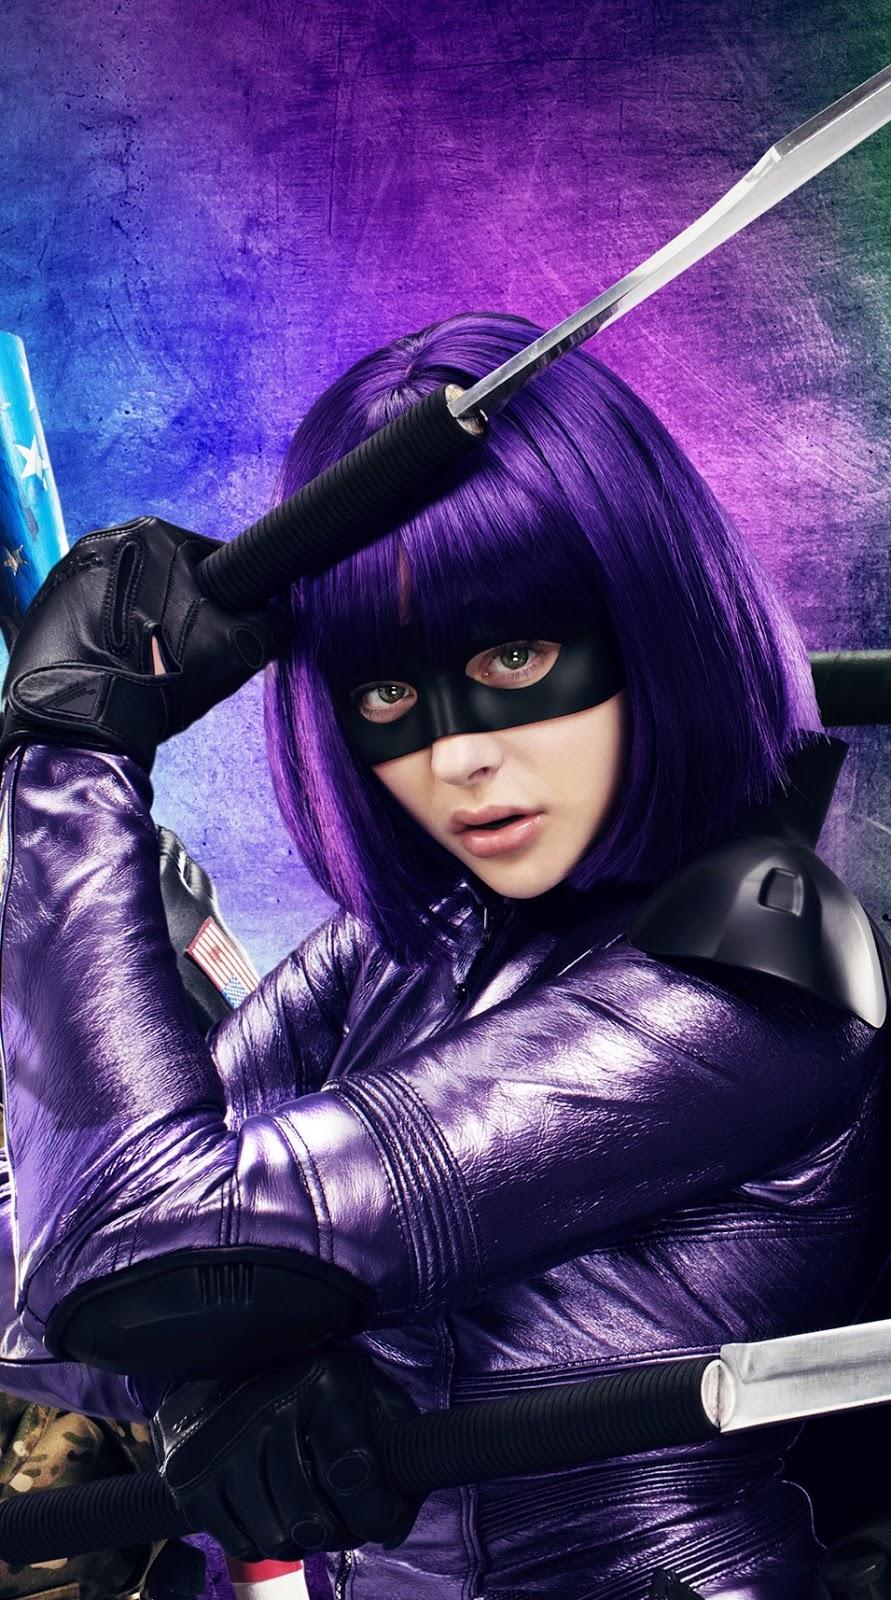 Digitista MediaWave: Chloë Grace Moretz is back as Hit ...